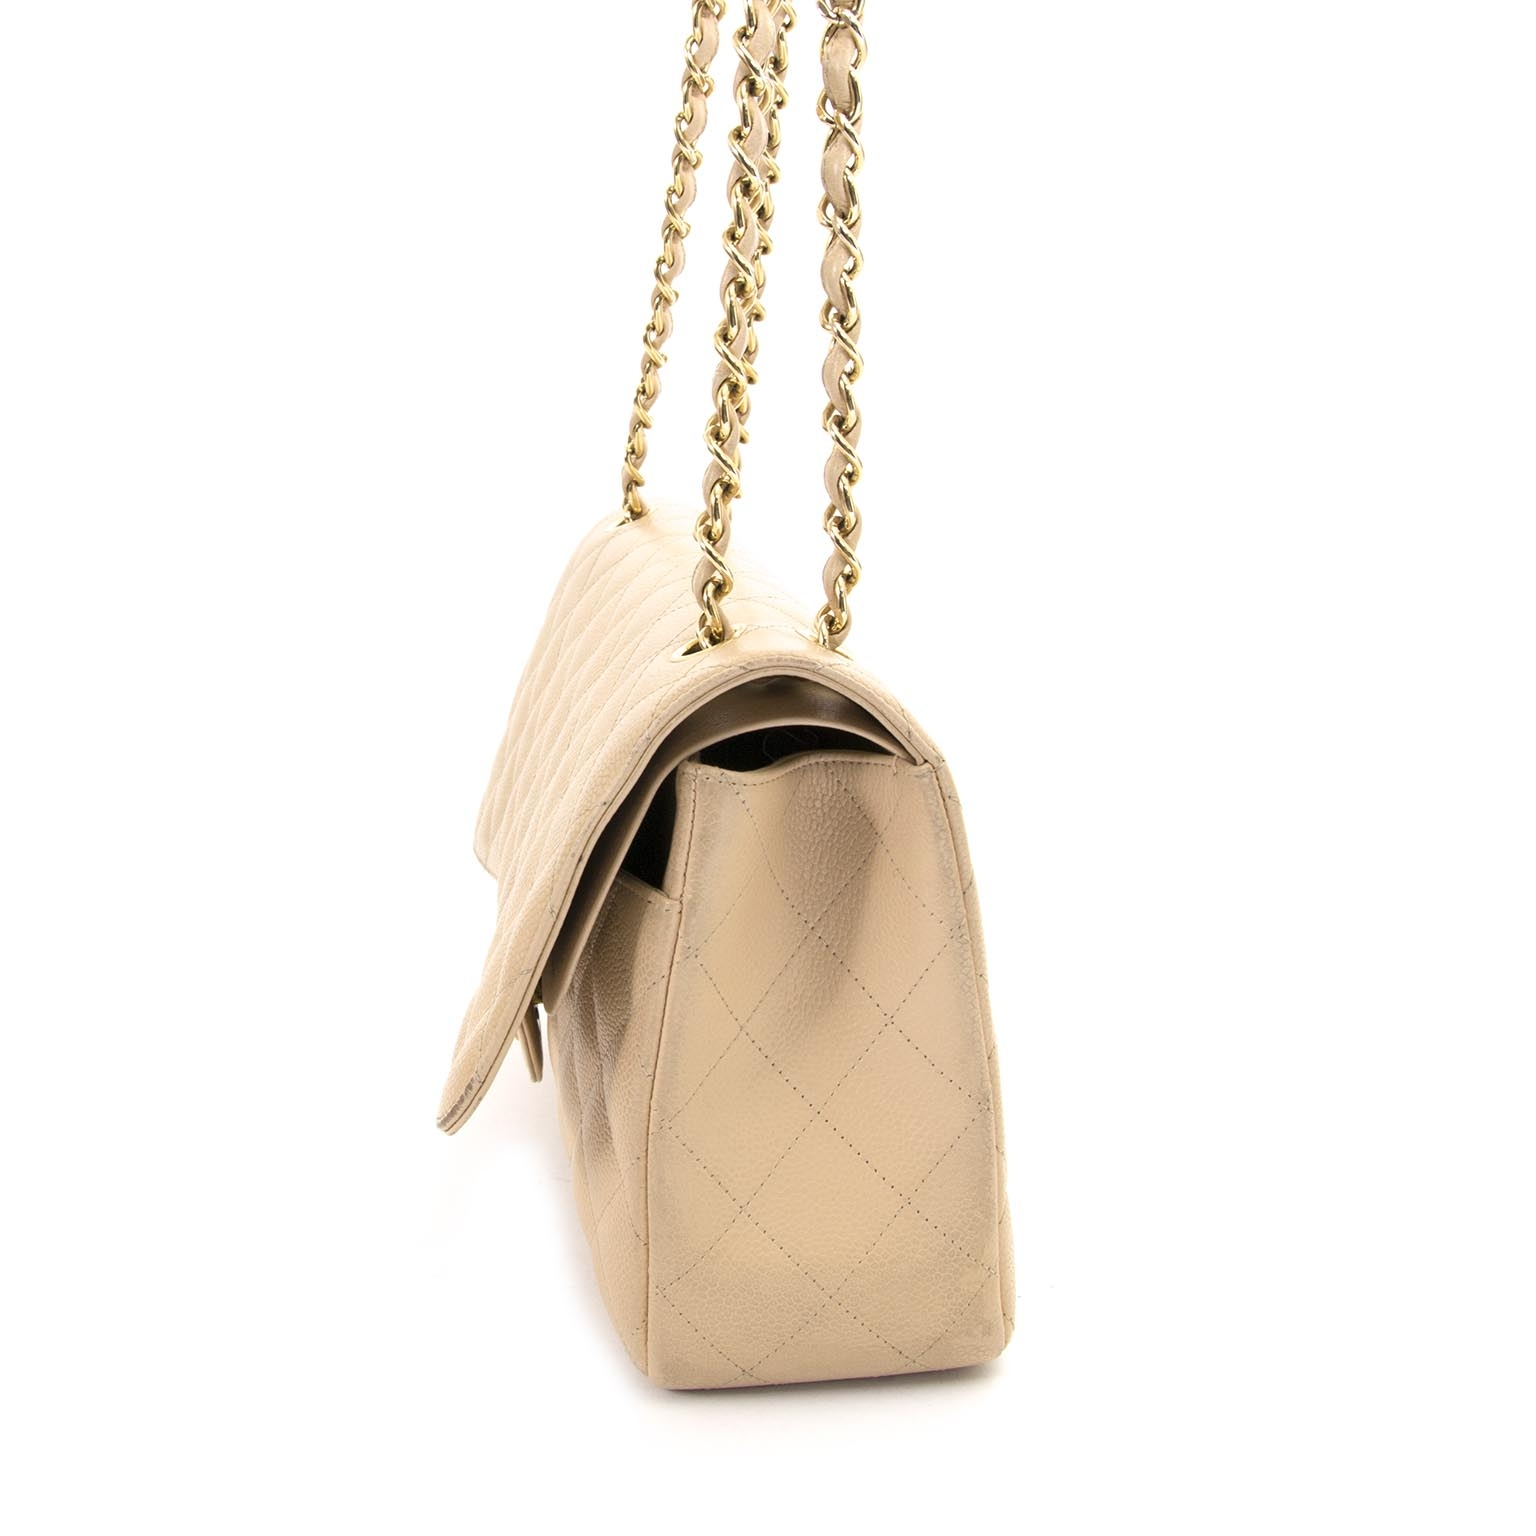 koop  Chanel Jumbo Beige Double Classic Flapbag GHW en betaal veilig online bij labellov.com